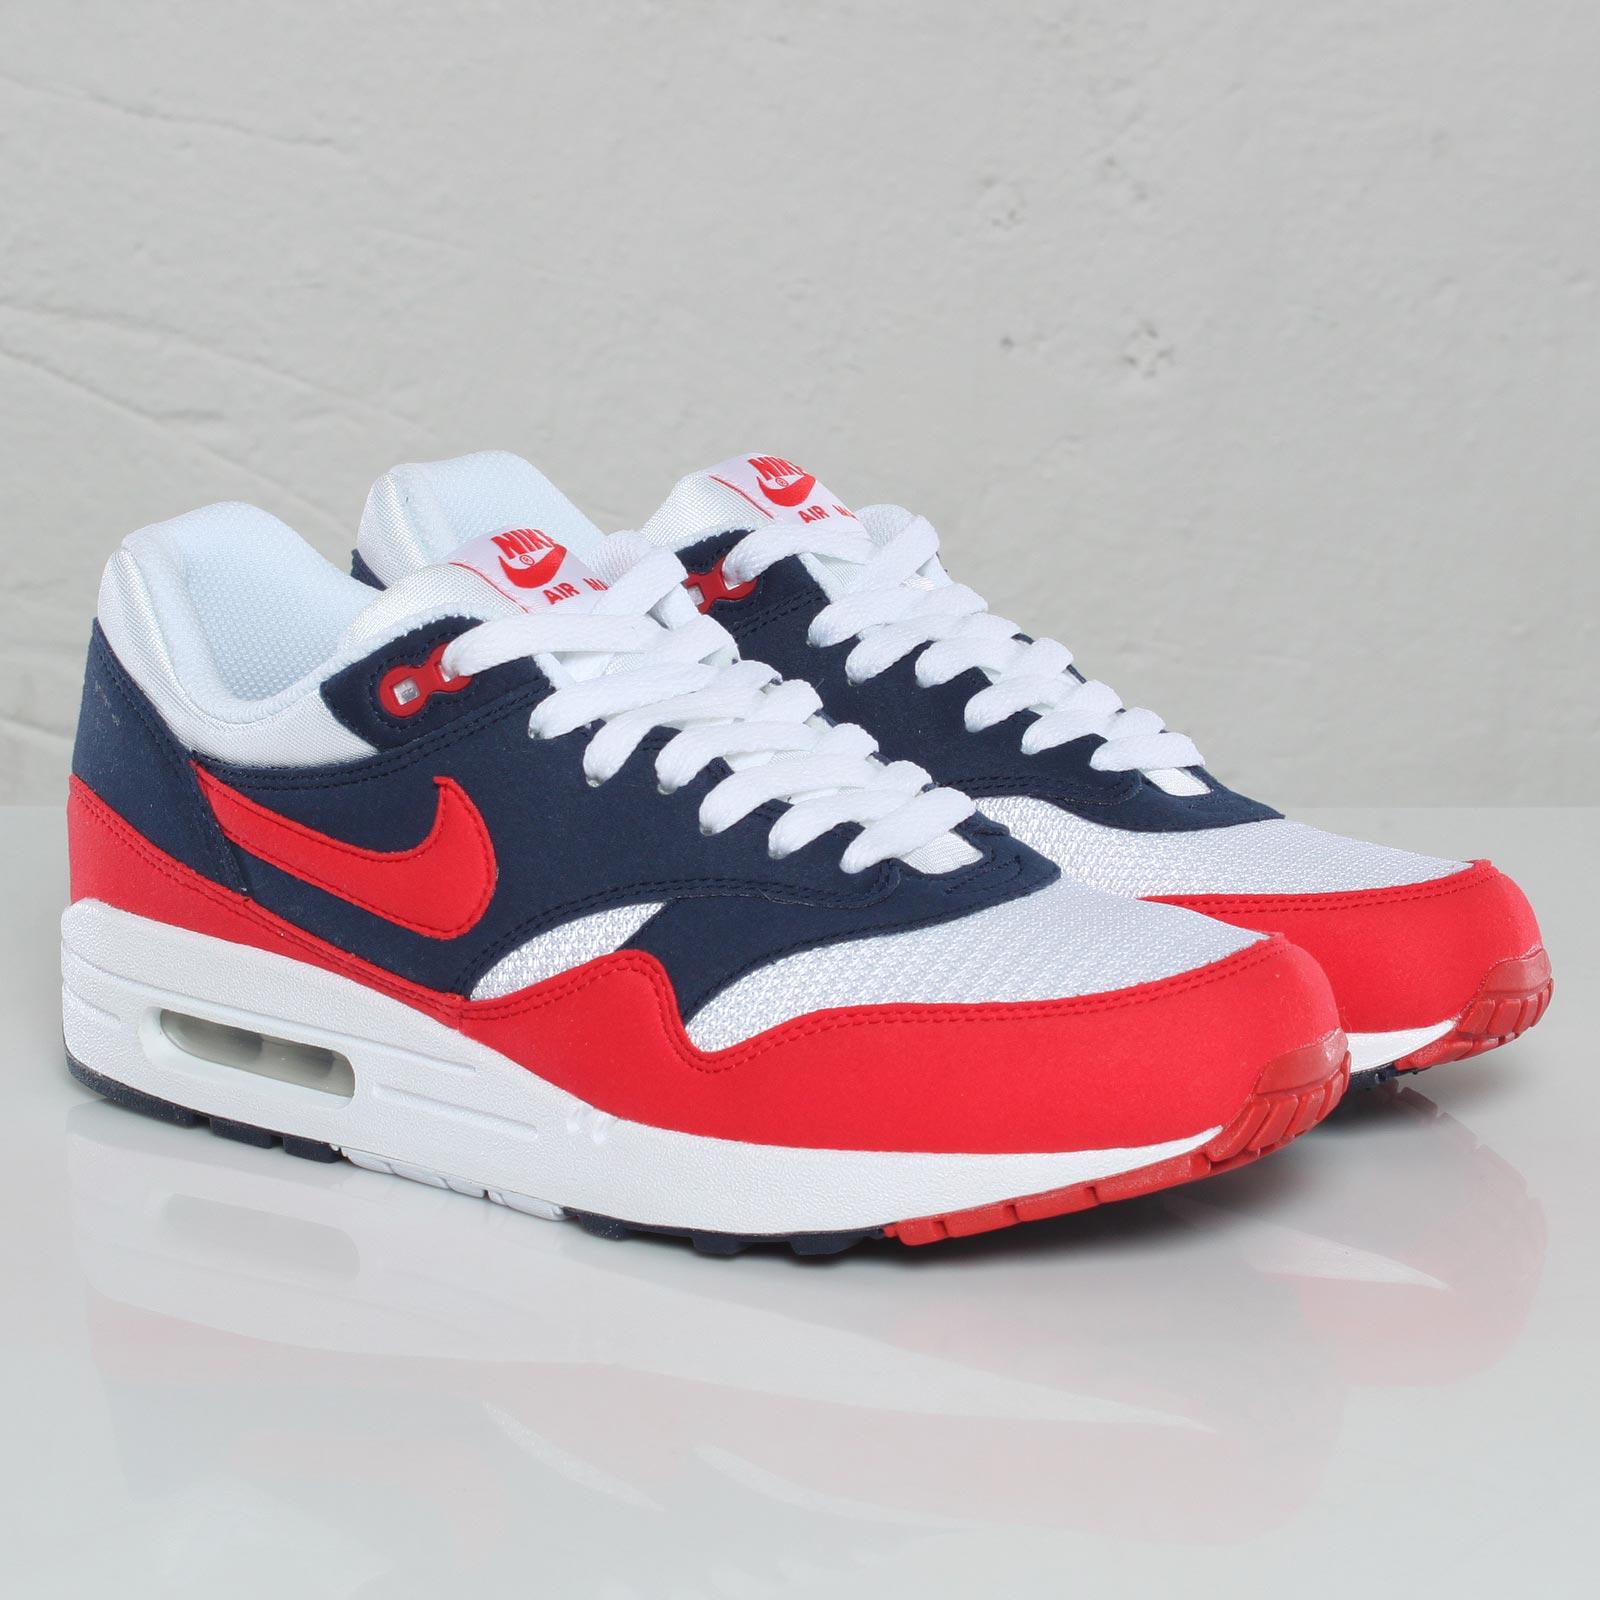 Nike Max 1 108932 Air SneakersnstuffSneakersamp; Streetwear yN8wvmnO0P